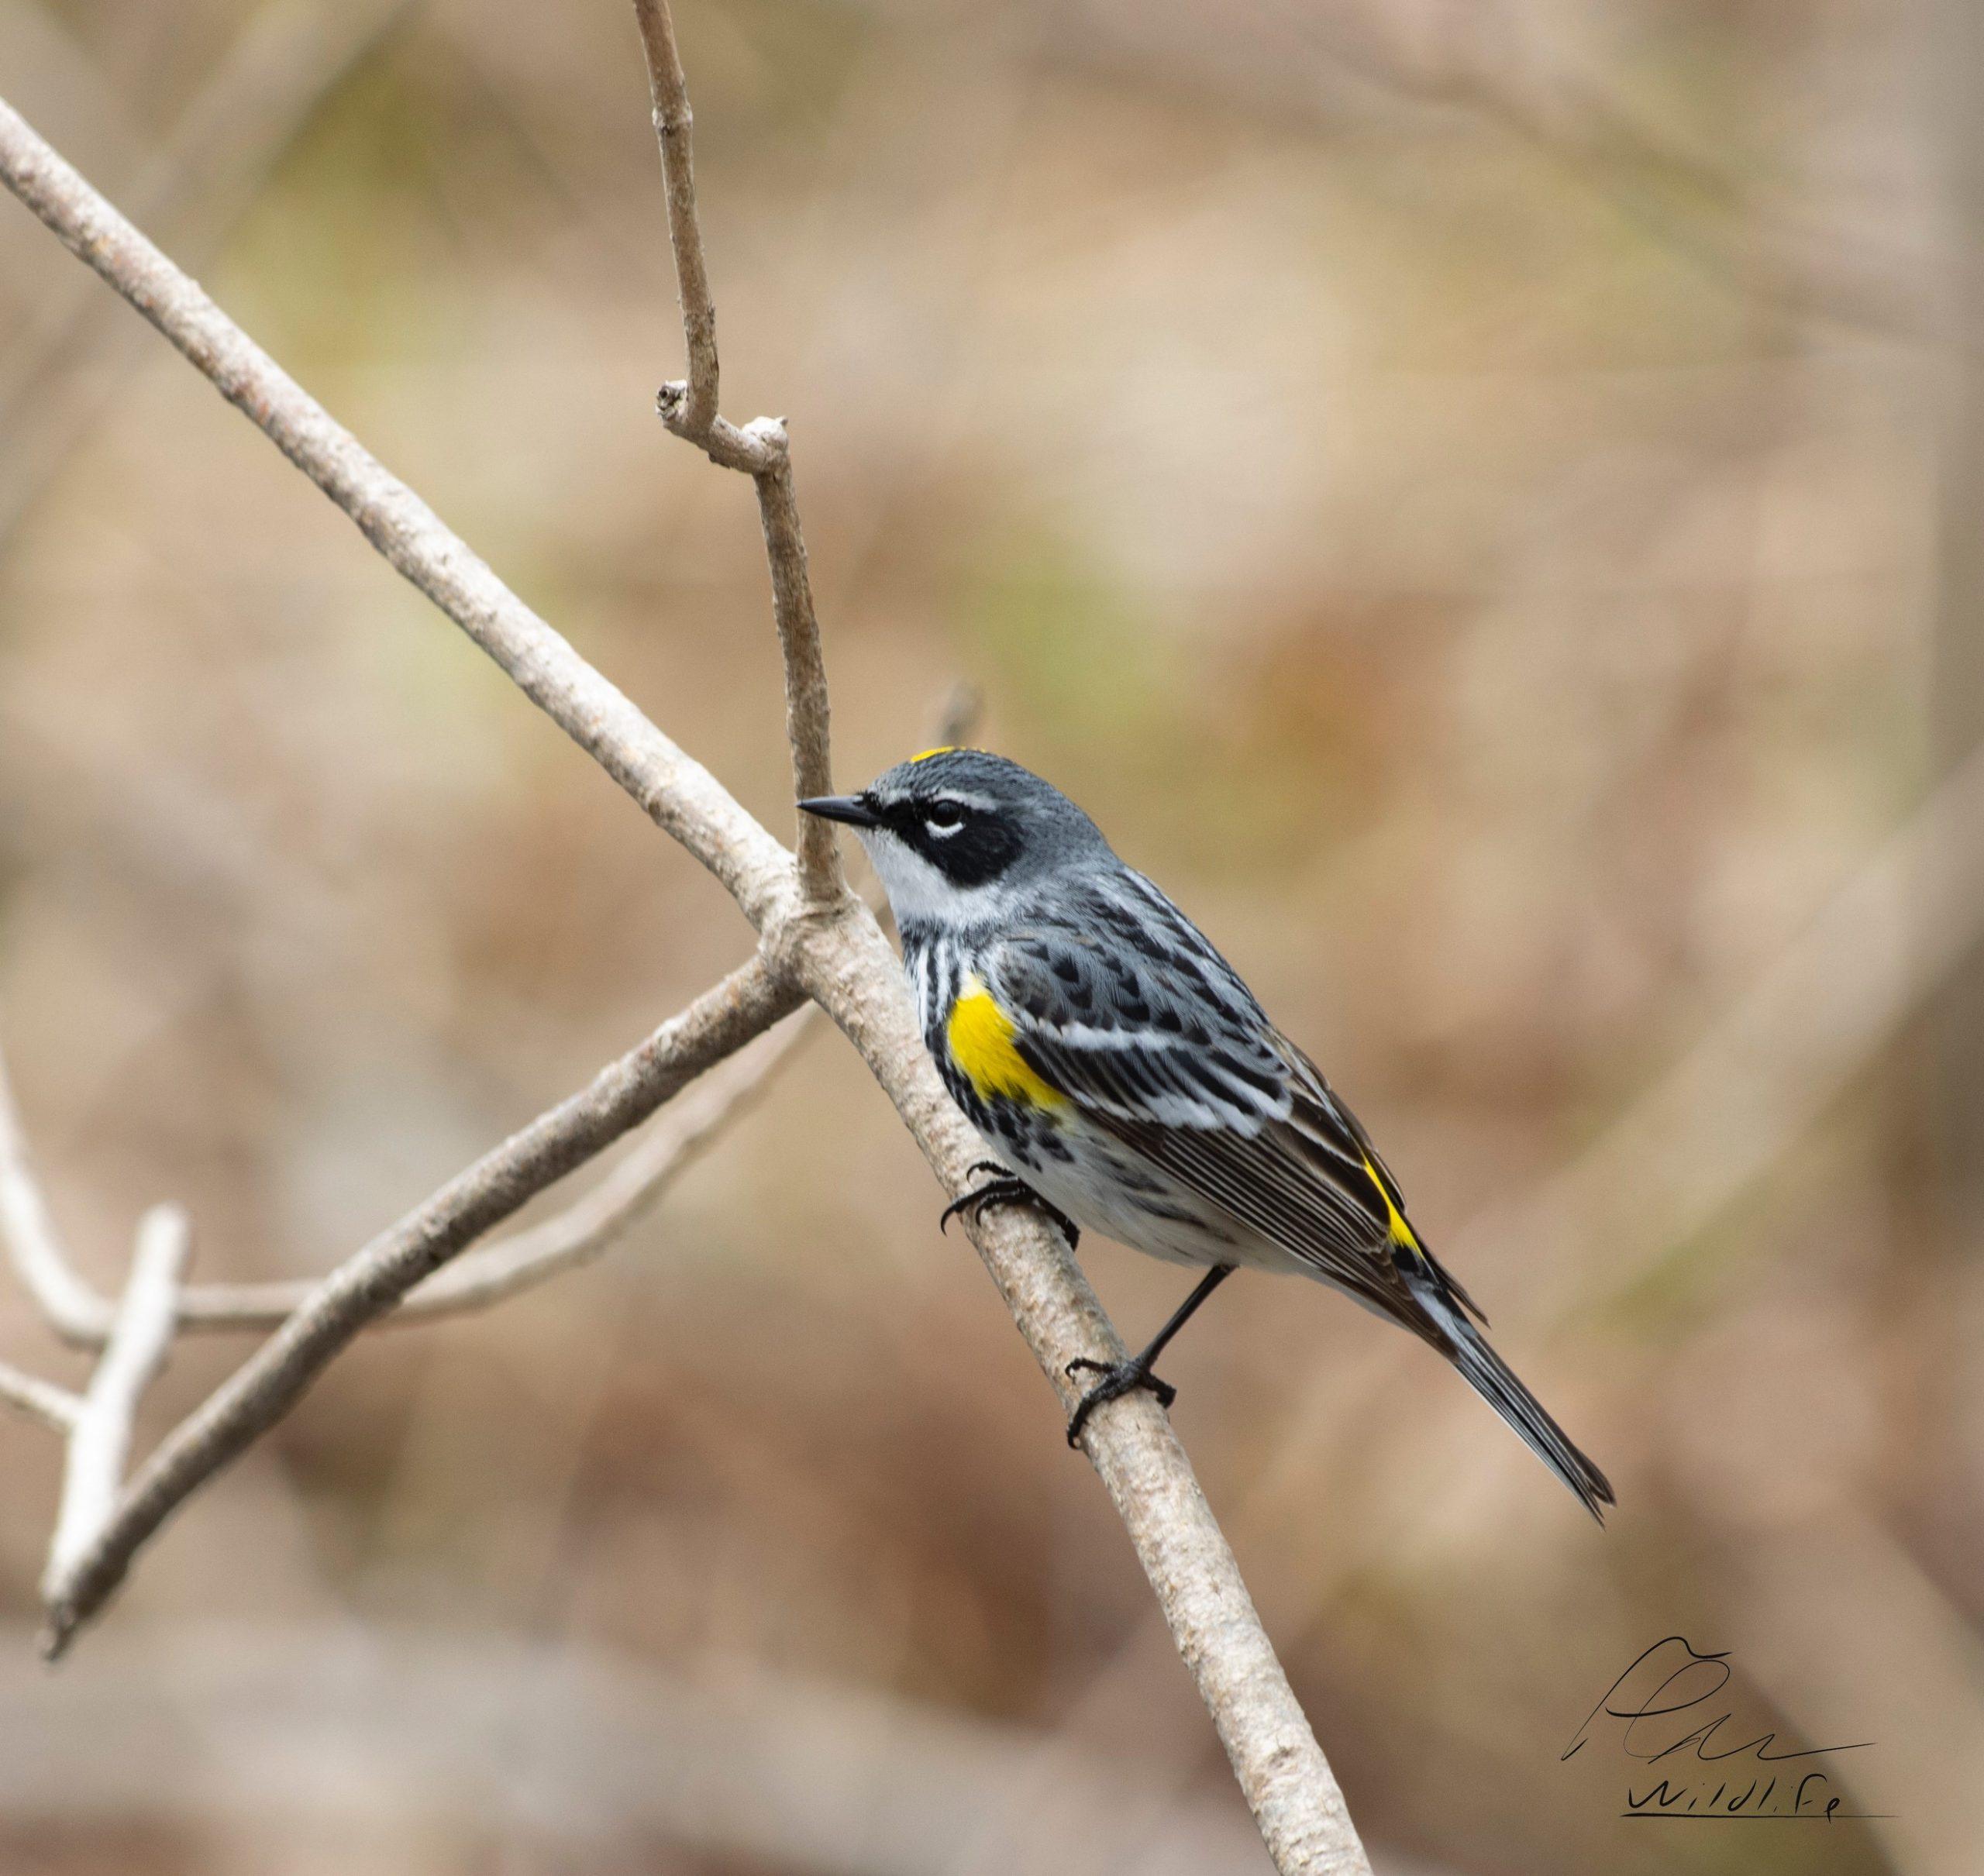 La paruline à croupion est la première espèce de cette belle famille de petits oiseaux très colorés, à arriver au Québec au printemps. On la voit alors partout à la Réserve naturelle du Marais-Léon-Provancher.